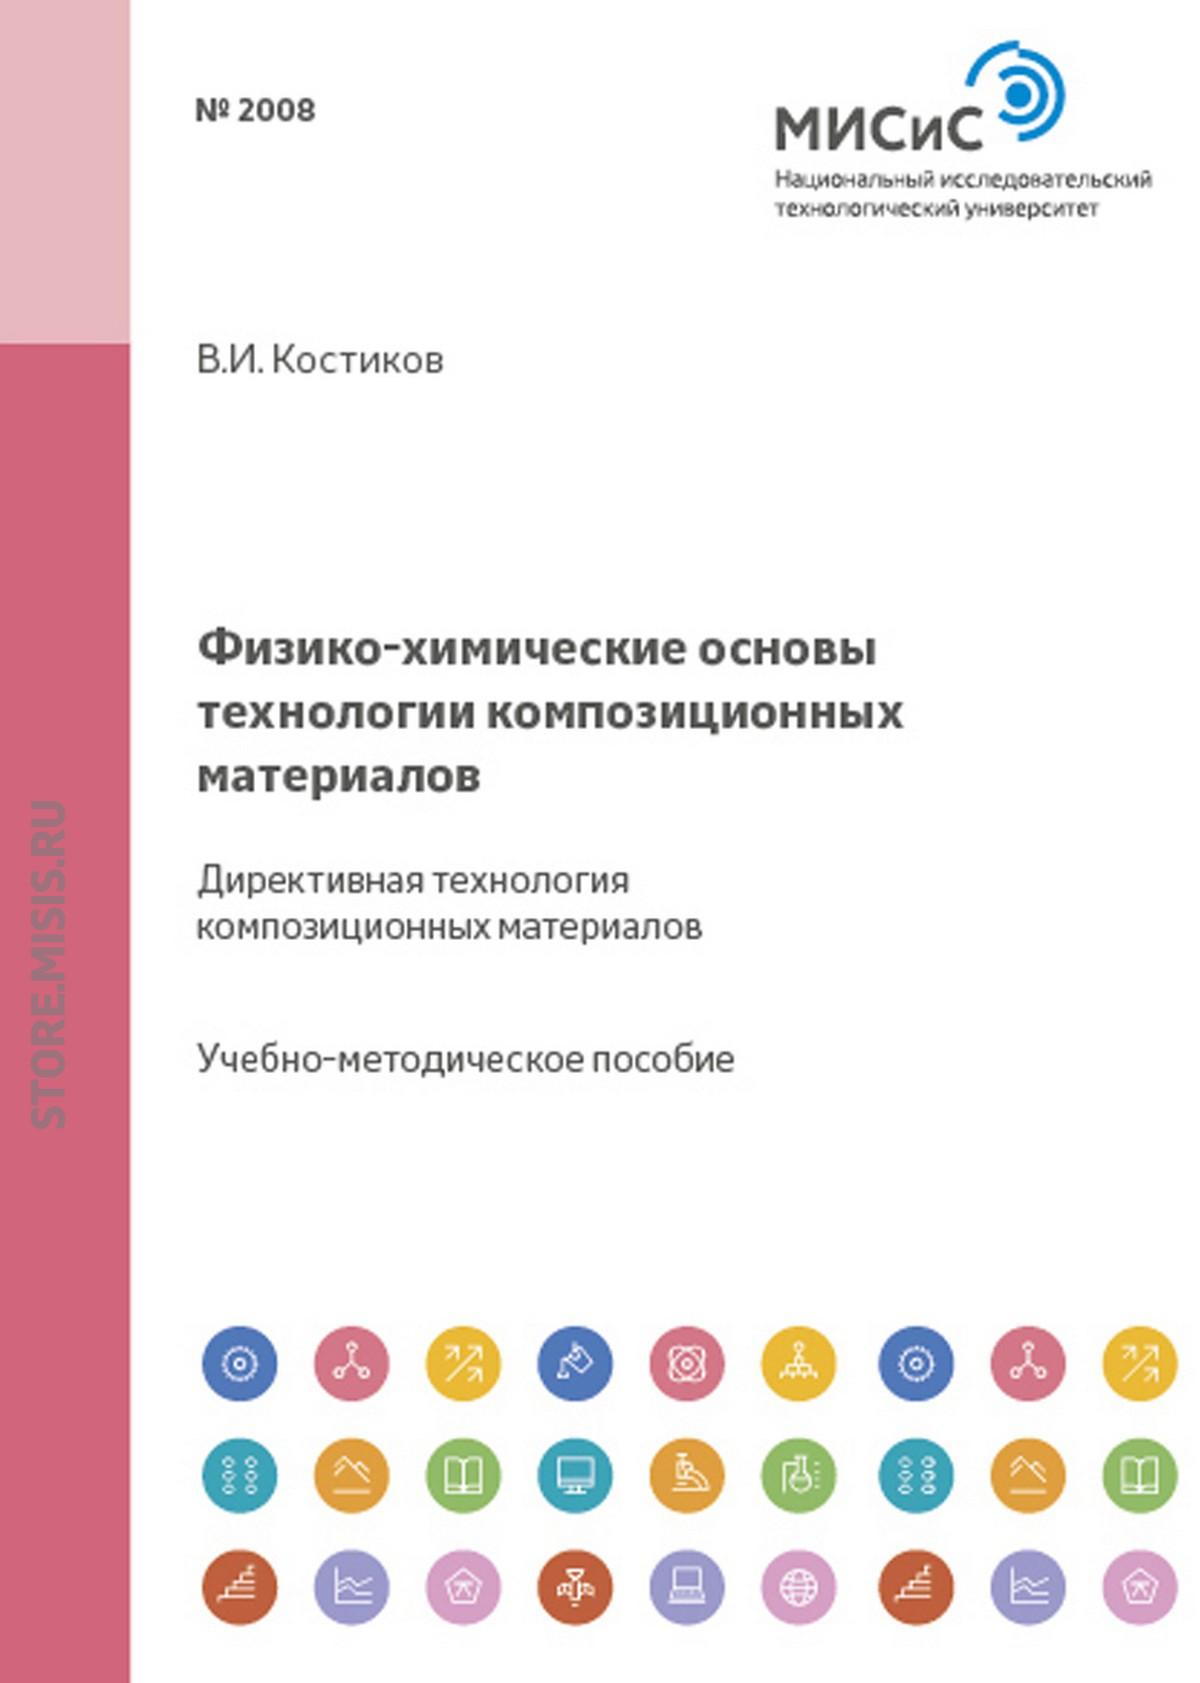 Валерий Костиков Физико-химические основы технологии композиционных материалов. Директивная технология композиционных материалов мышь oklick 775g black blue